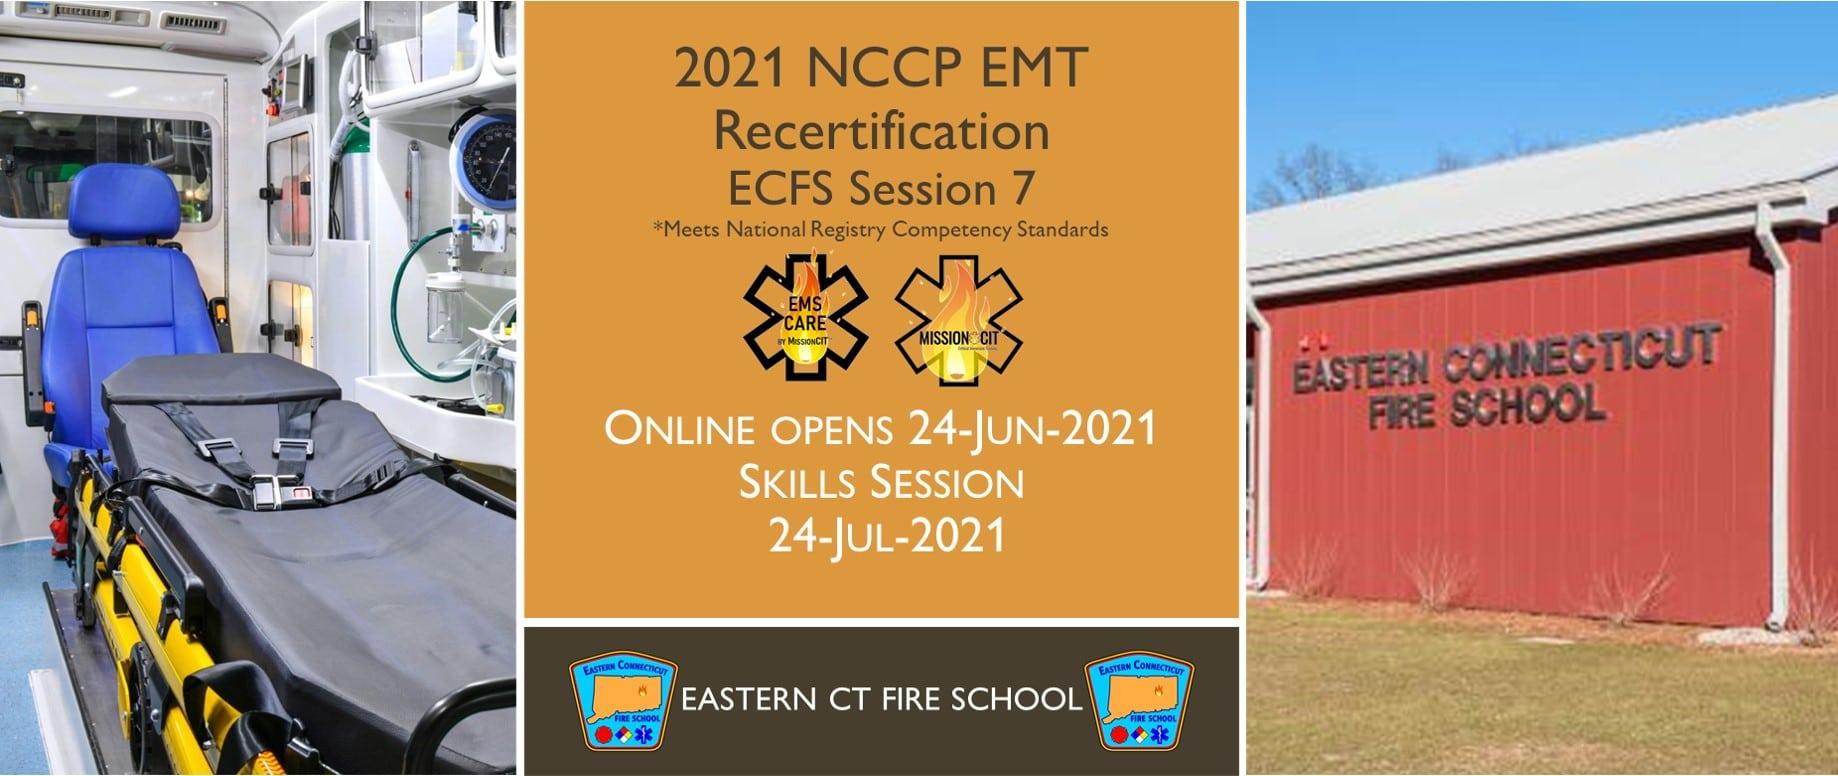 EMT NCCP Recertification Hybrid Course | ECFS | 2021 Session 7 | Connecticut emt training | meets NREMT, CAPCE requirement for EMTs